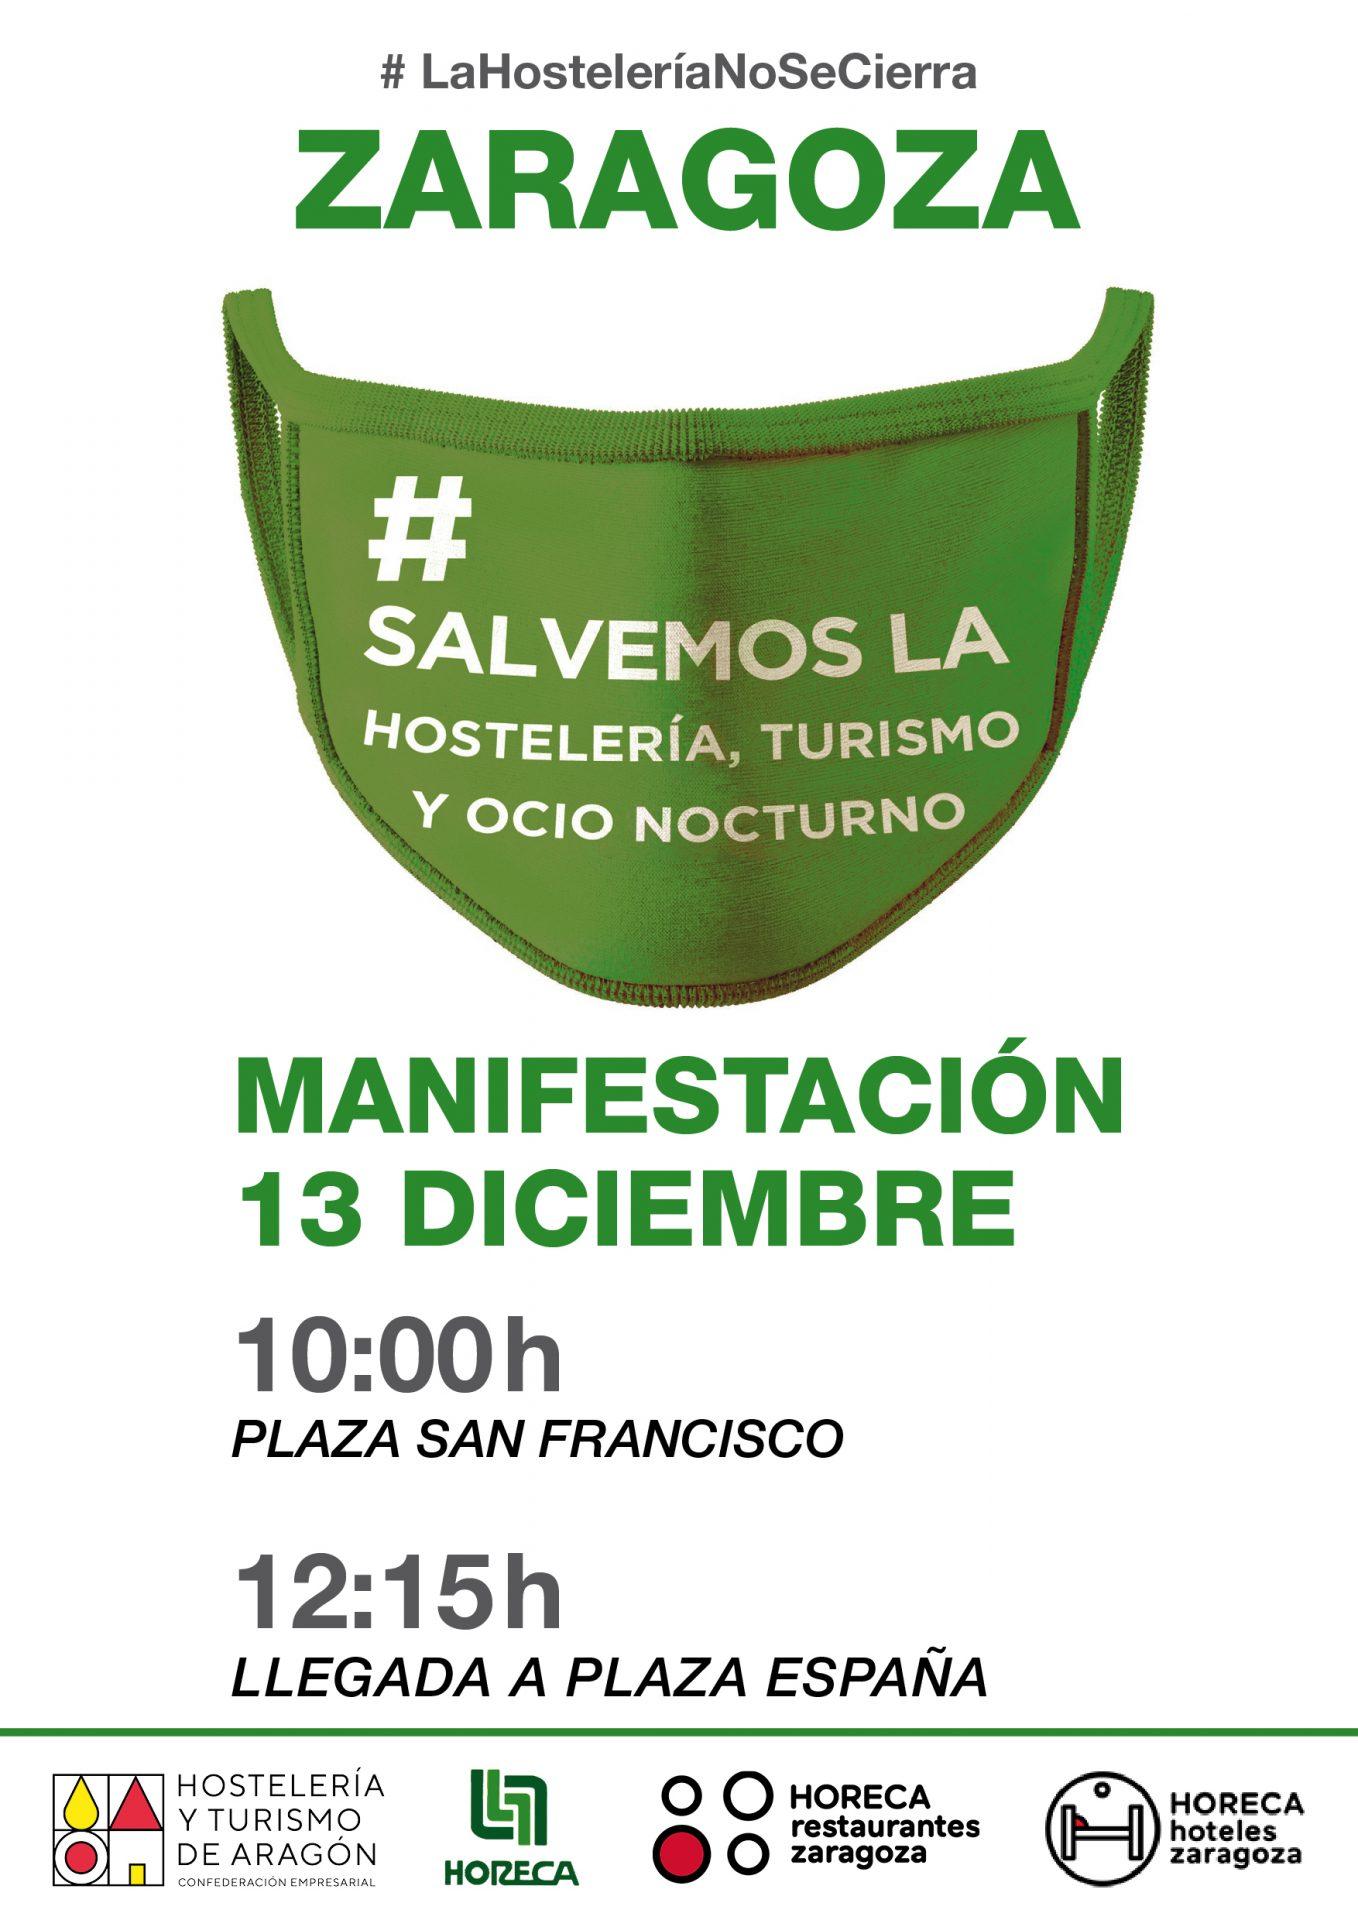 Hostelería 20-12-13 manifestacion